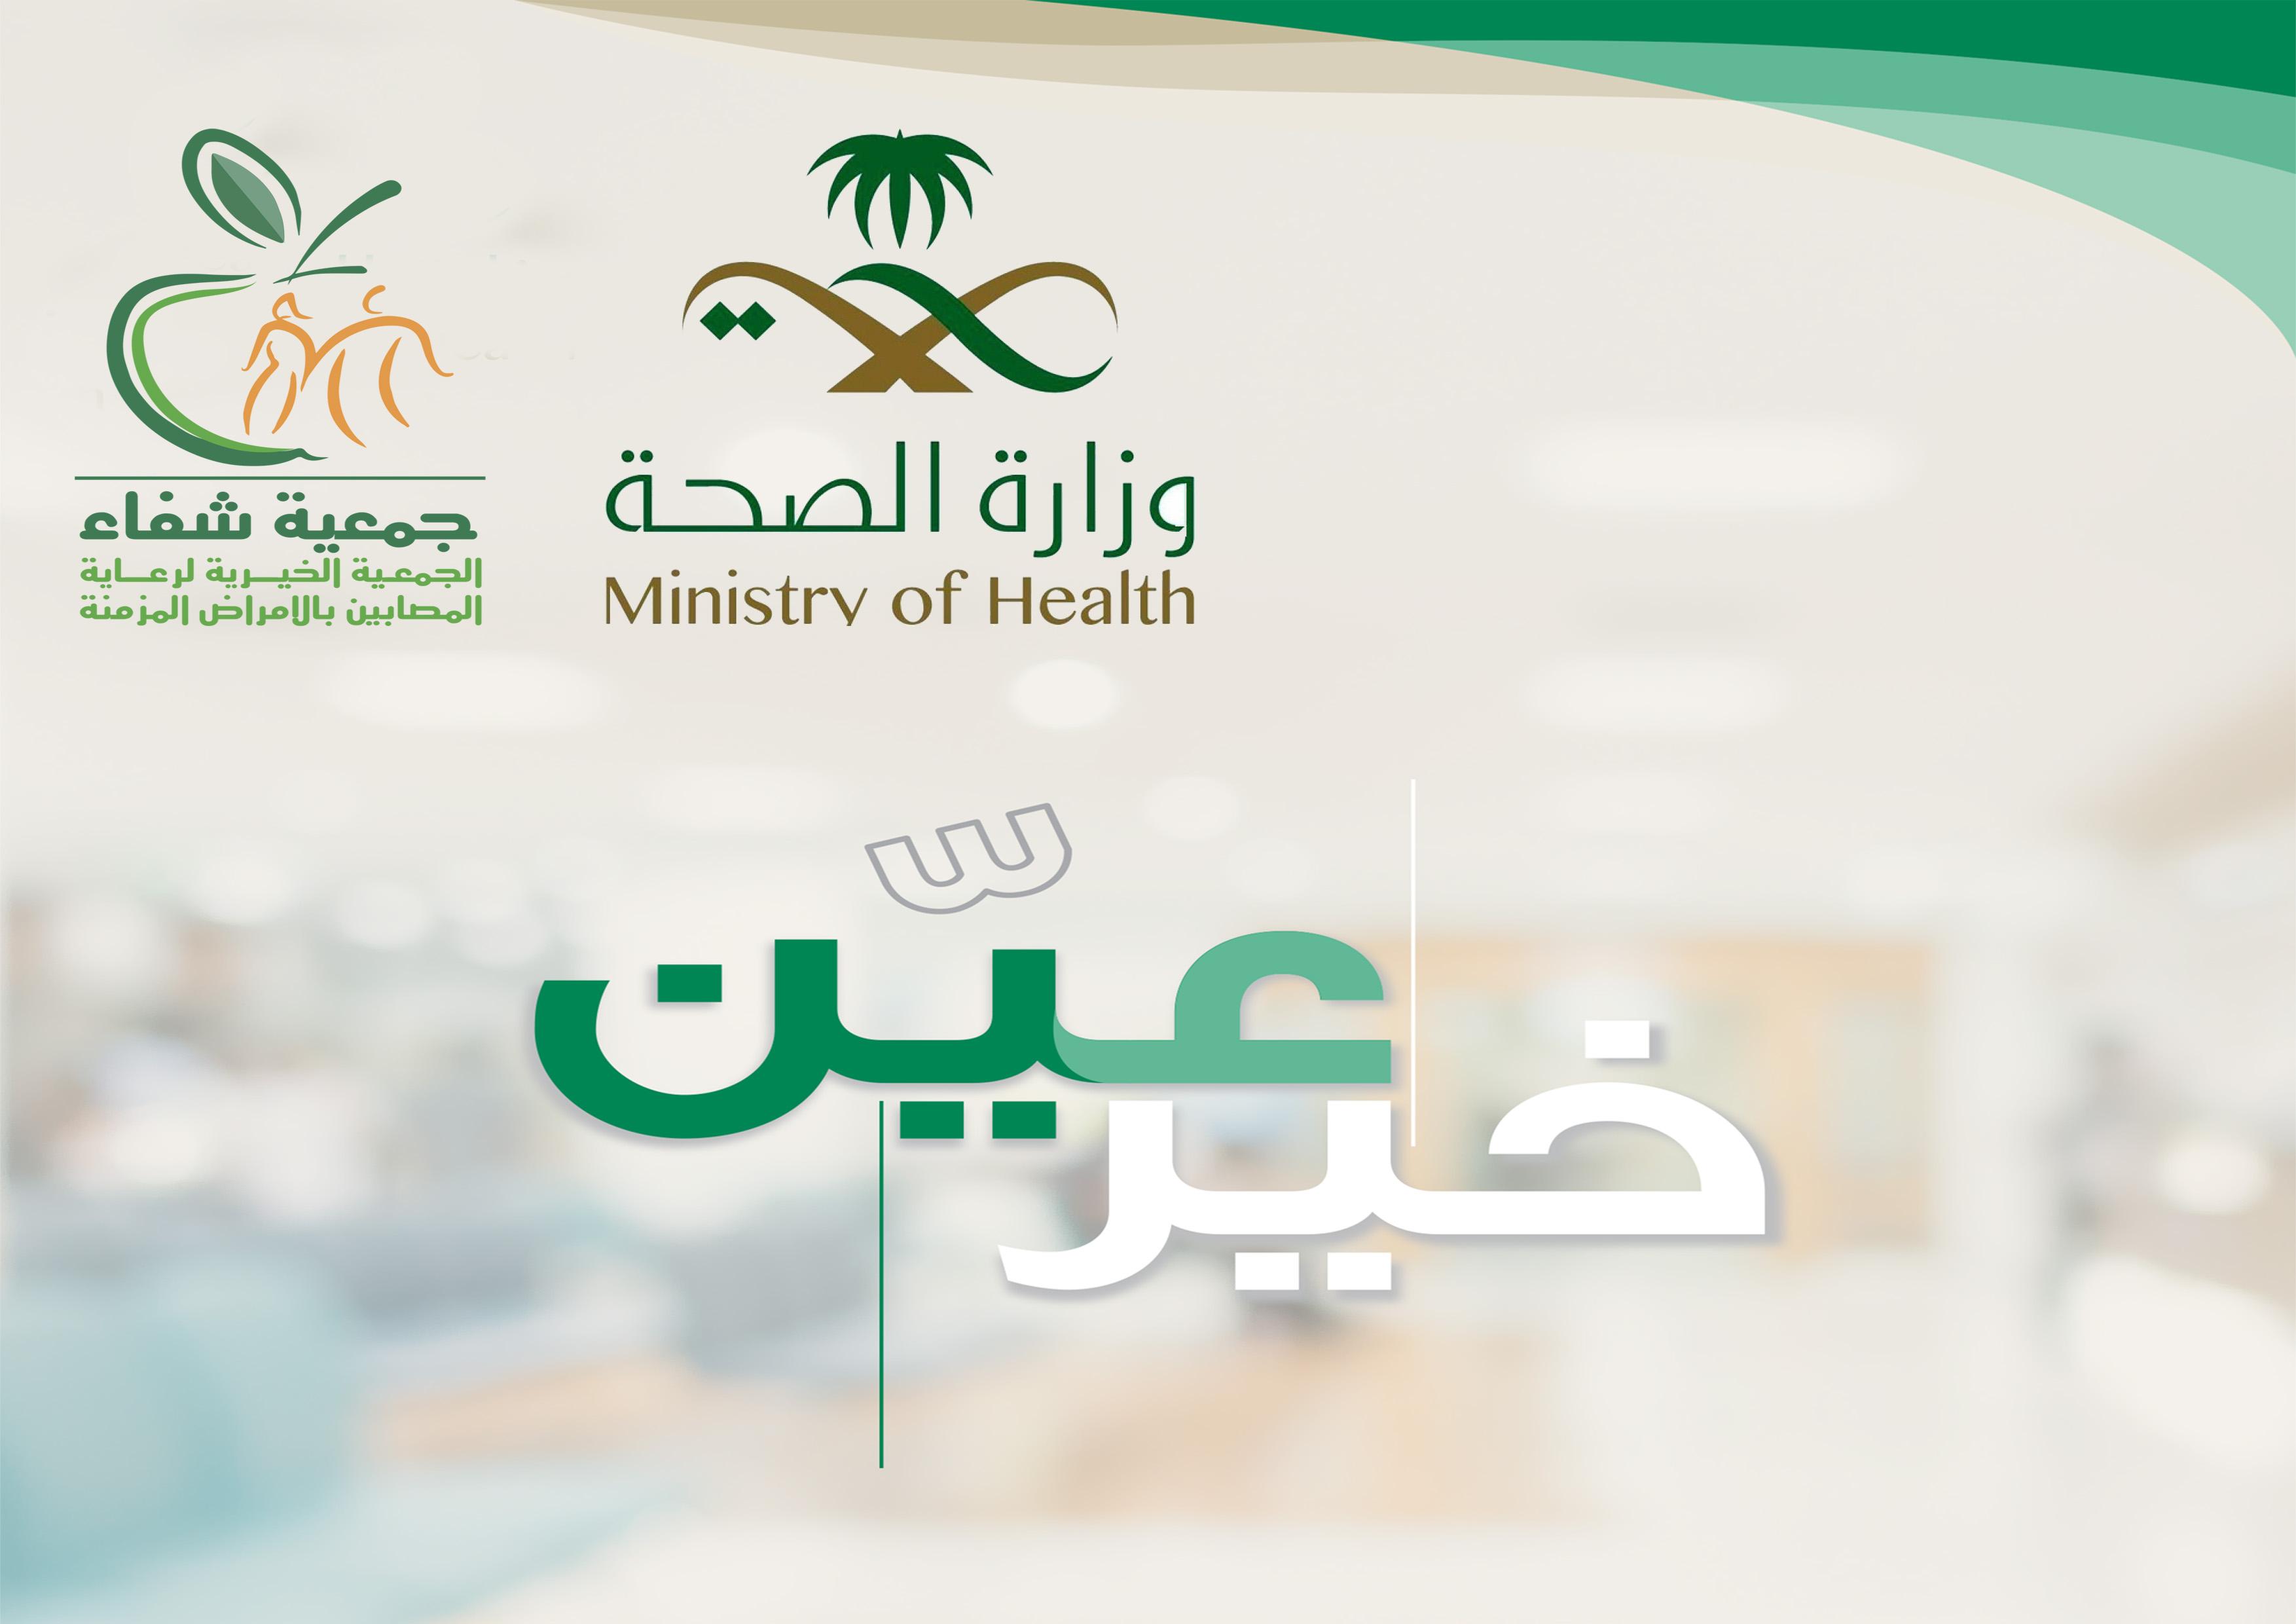 جمعية شفاء تعلن موعد استقبال مرضى عمليات العيون